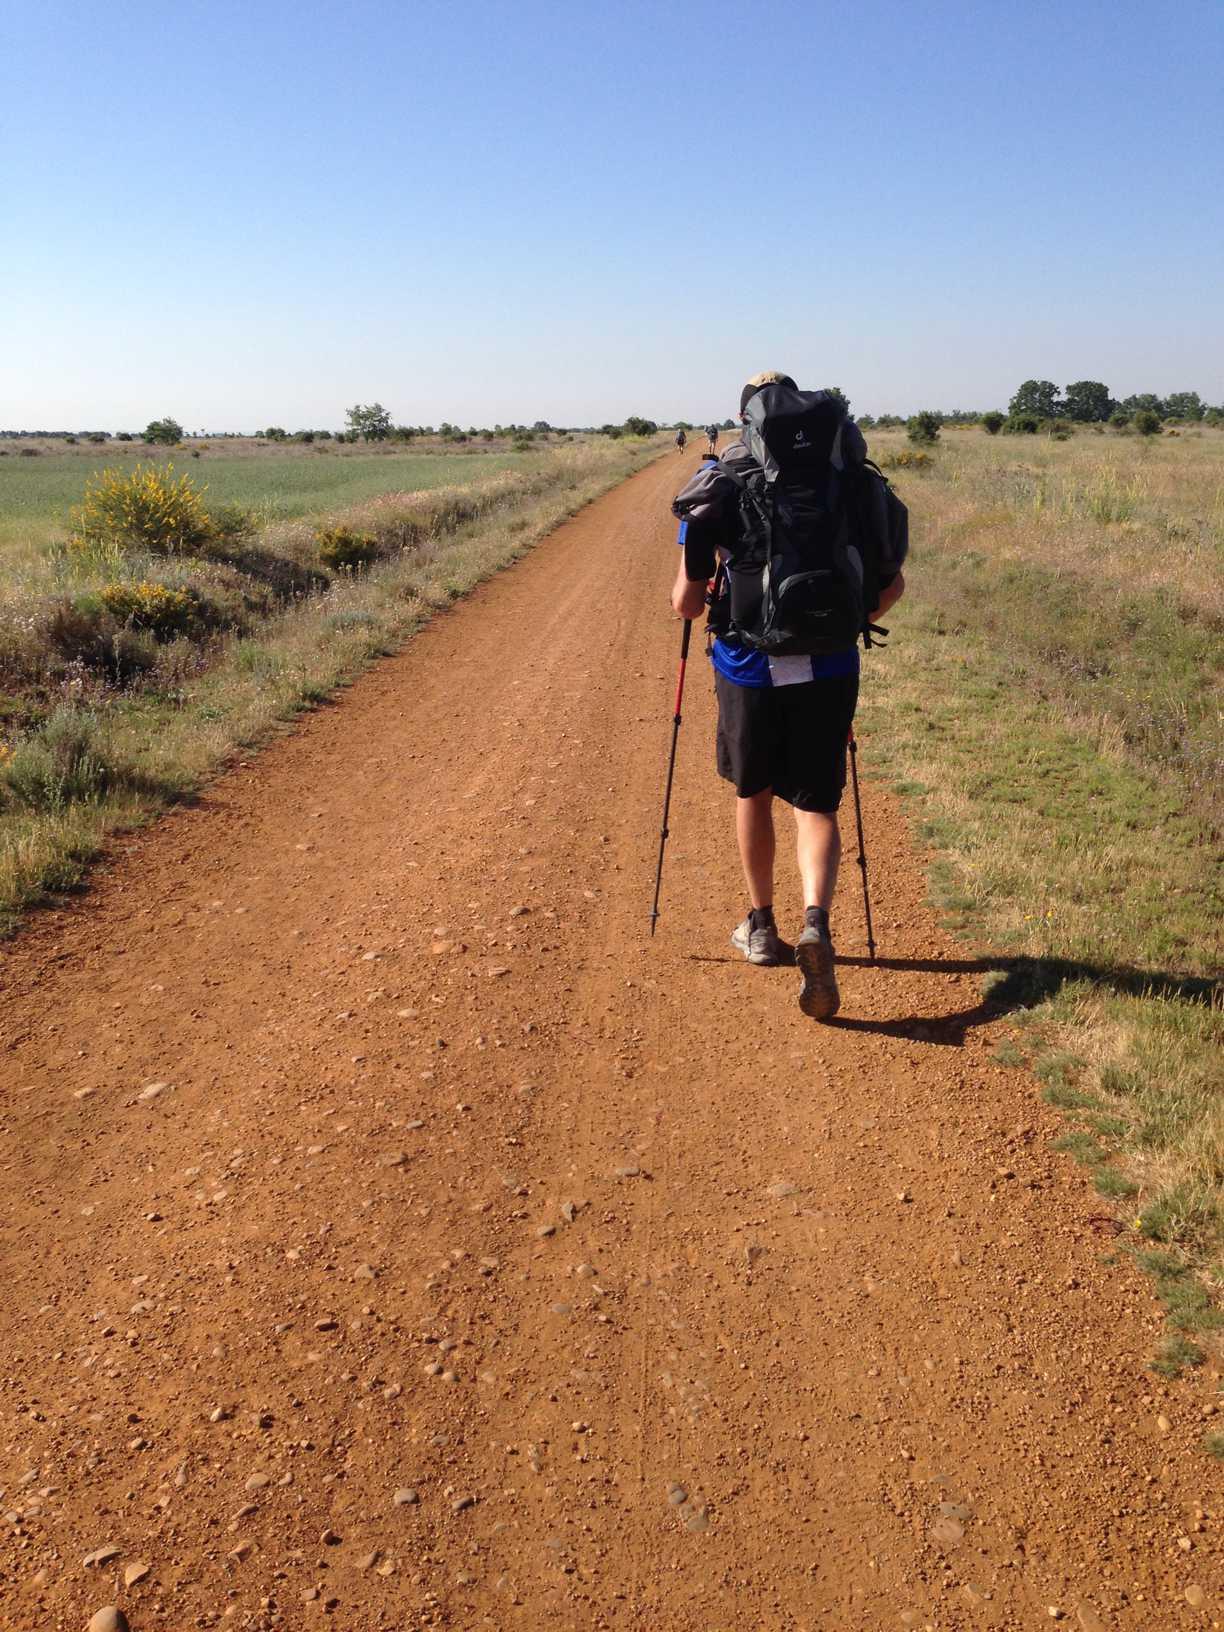 Du rythme de marche au rythme de vie : retour de Compostelle (Partie 2/2)